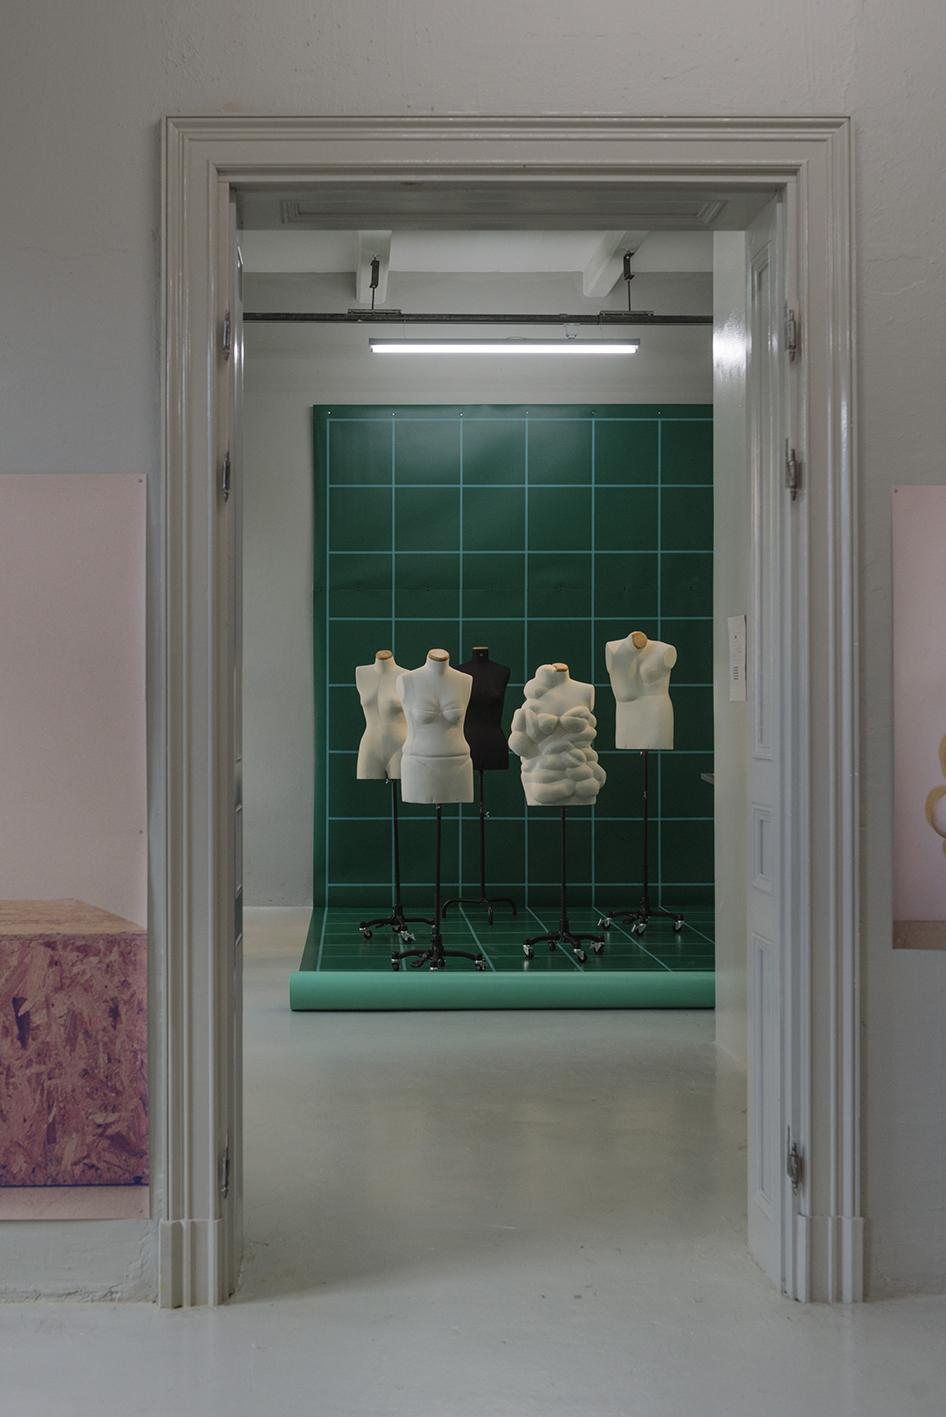 MINNAPALMQVIST_FashionTwister13.JPG